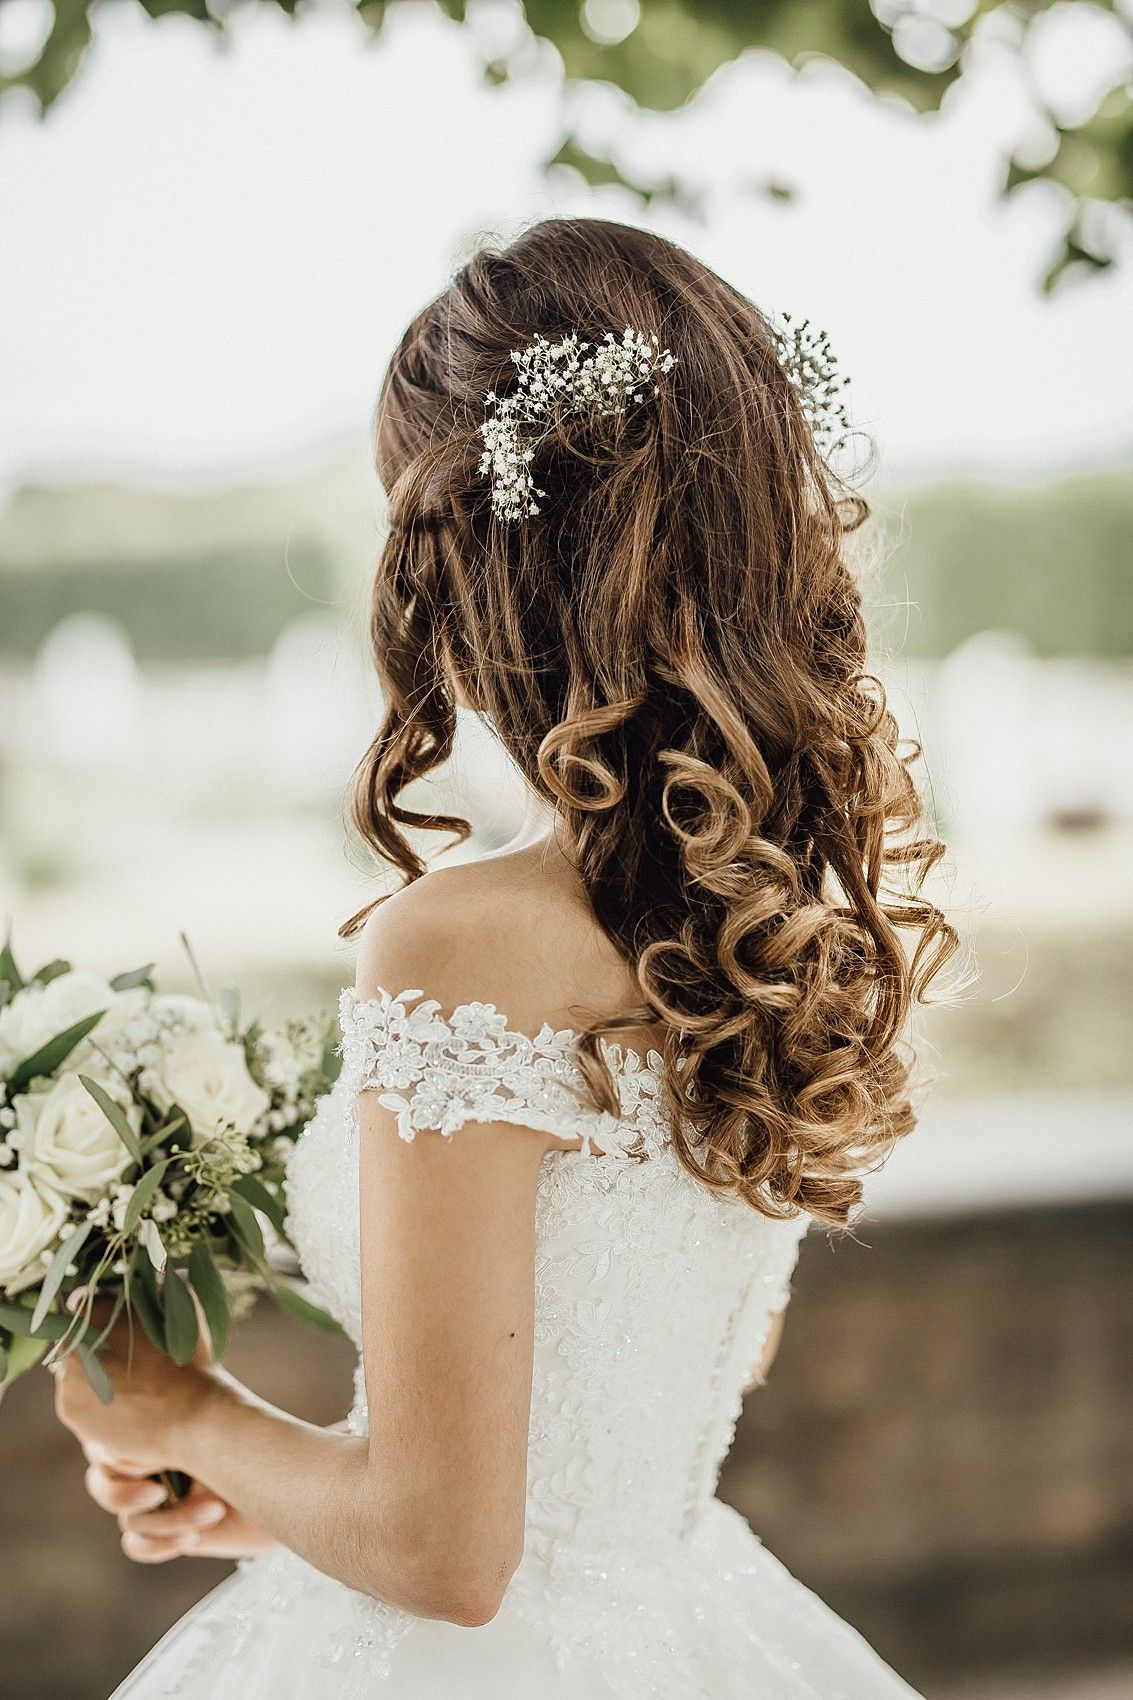 Beautiful Wavy Bridal Hair Larissa Sydekum Photography Flower Accessories Offene Brautfrisur Locken Brautfrisur Frisuren Hochzeit Hochzeitsfotograf